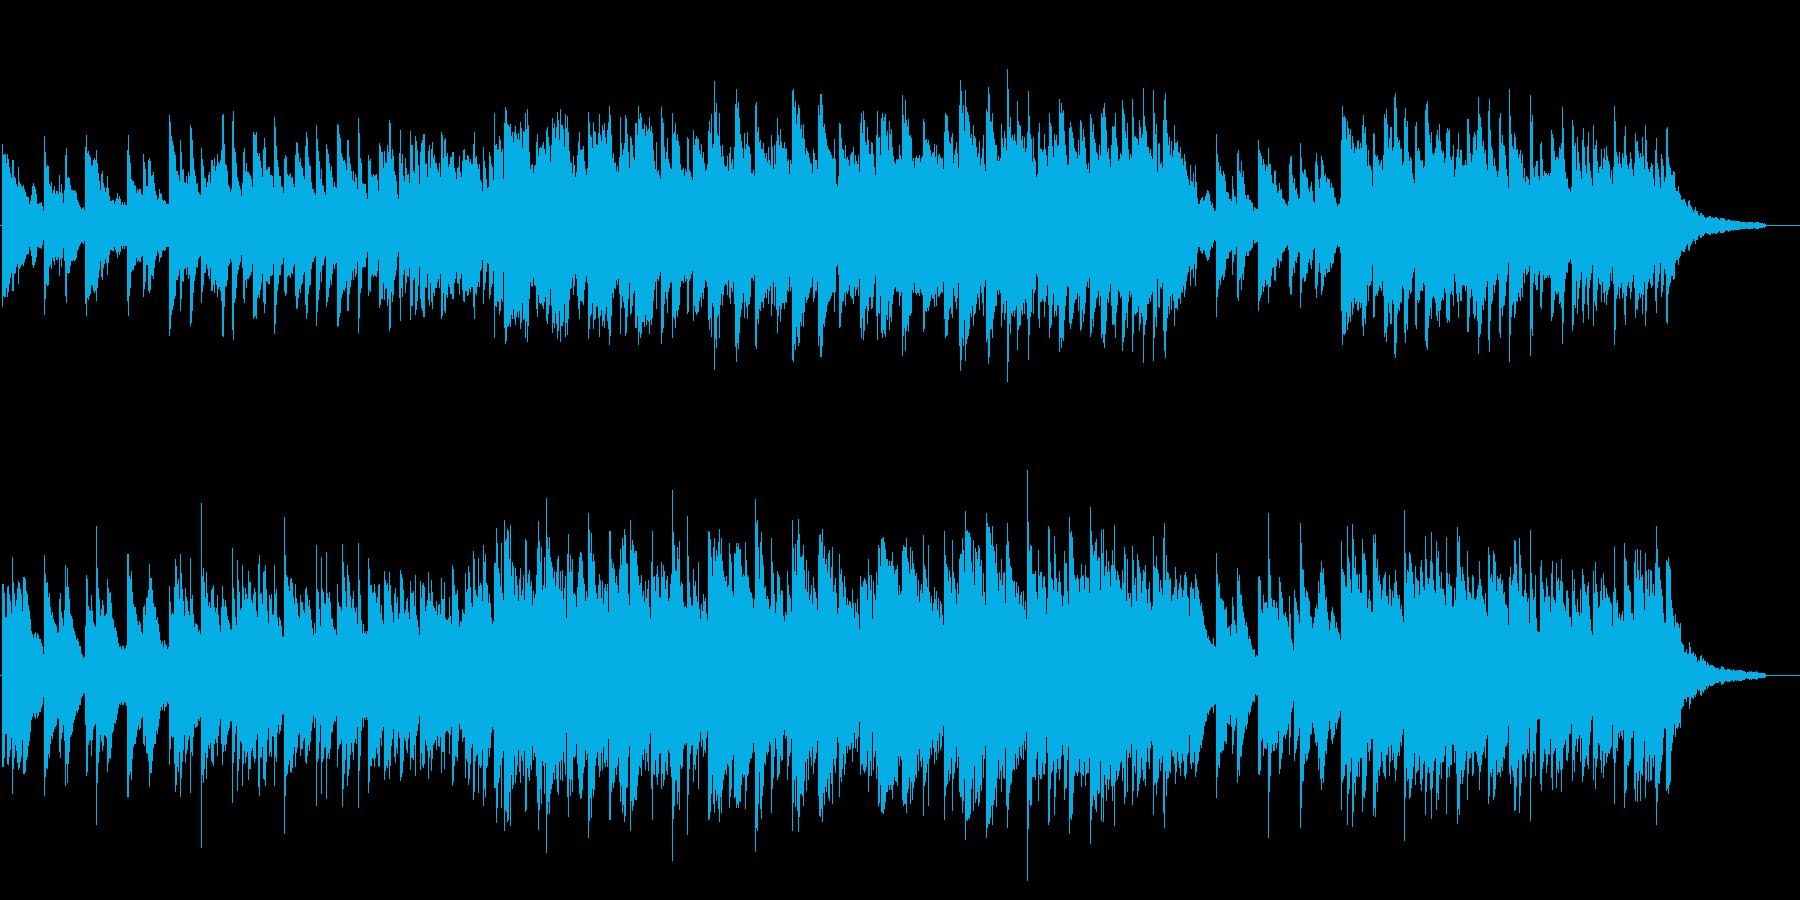 神秘的で不思議な雰囲気のピアノ曲の再生済みの波形